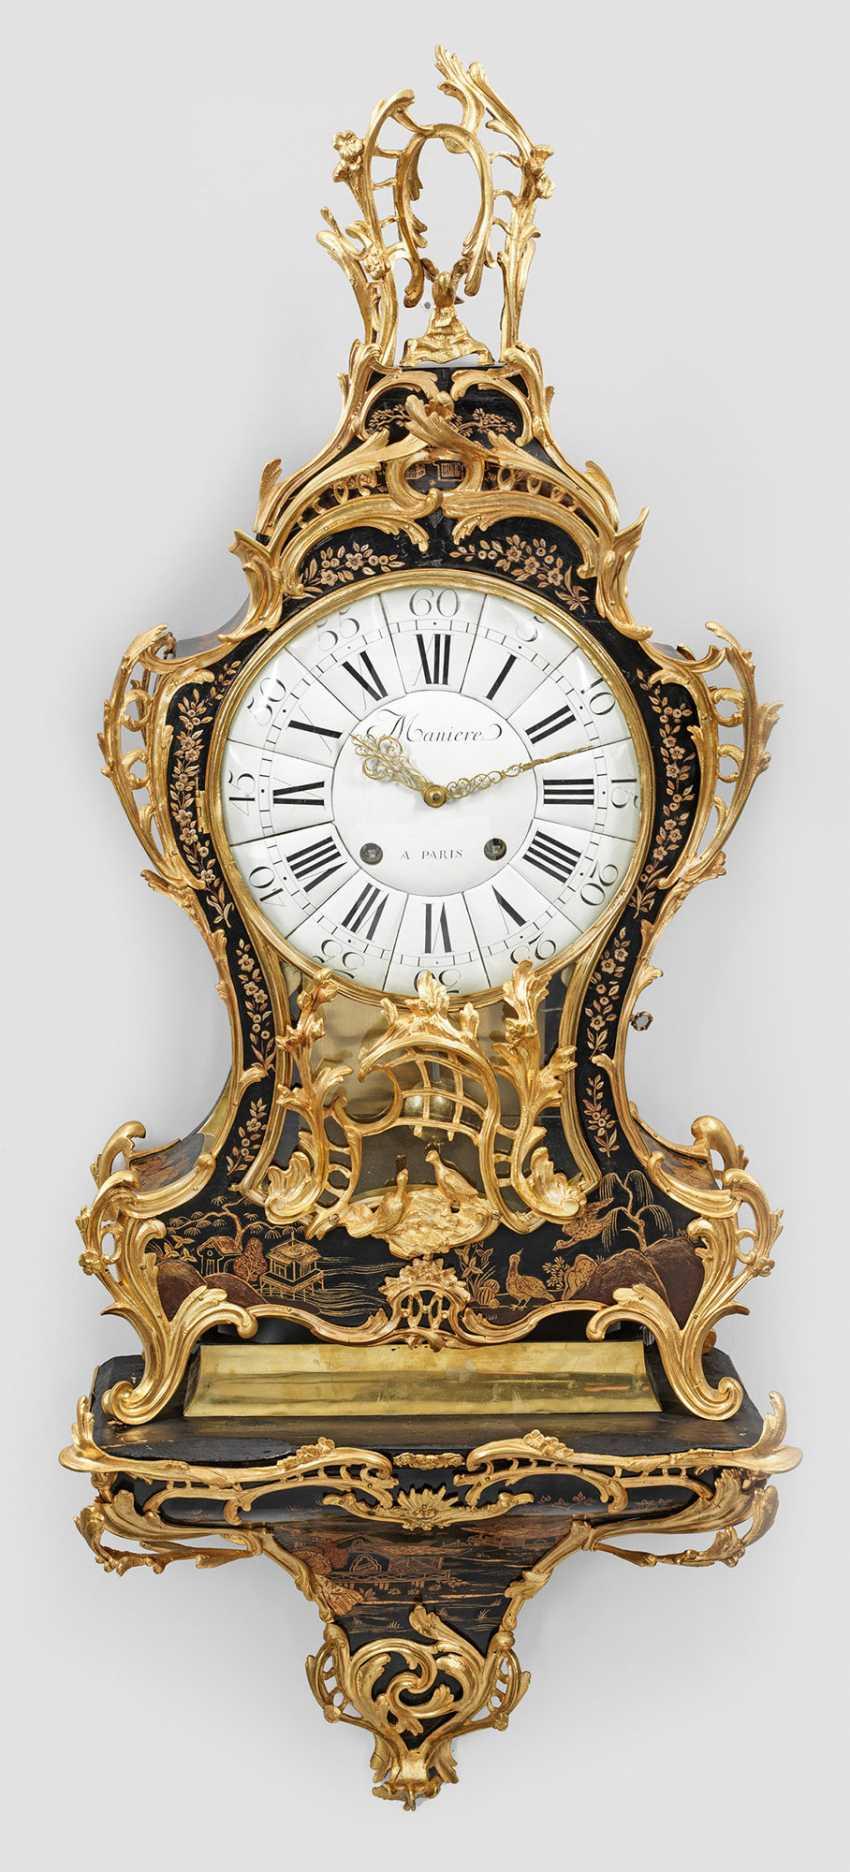 Внушительный Людовика XV-Pendule с стиле Шинуазри - фото 1